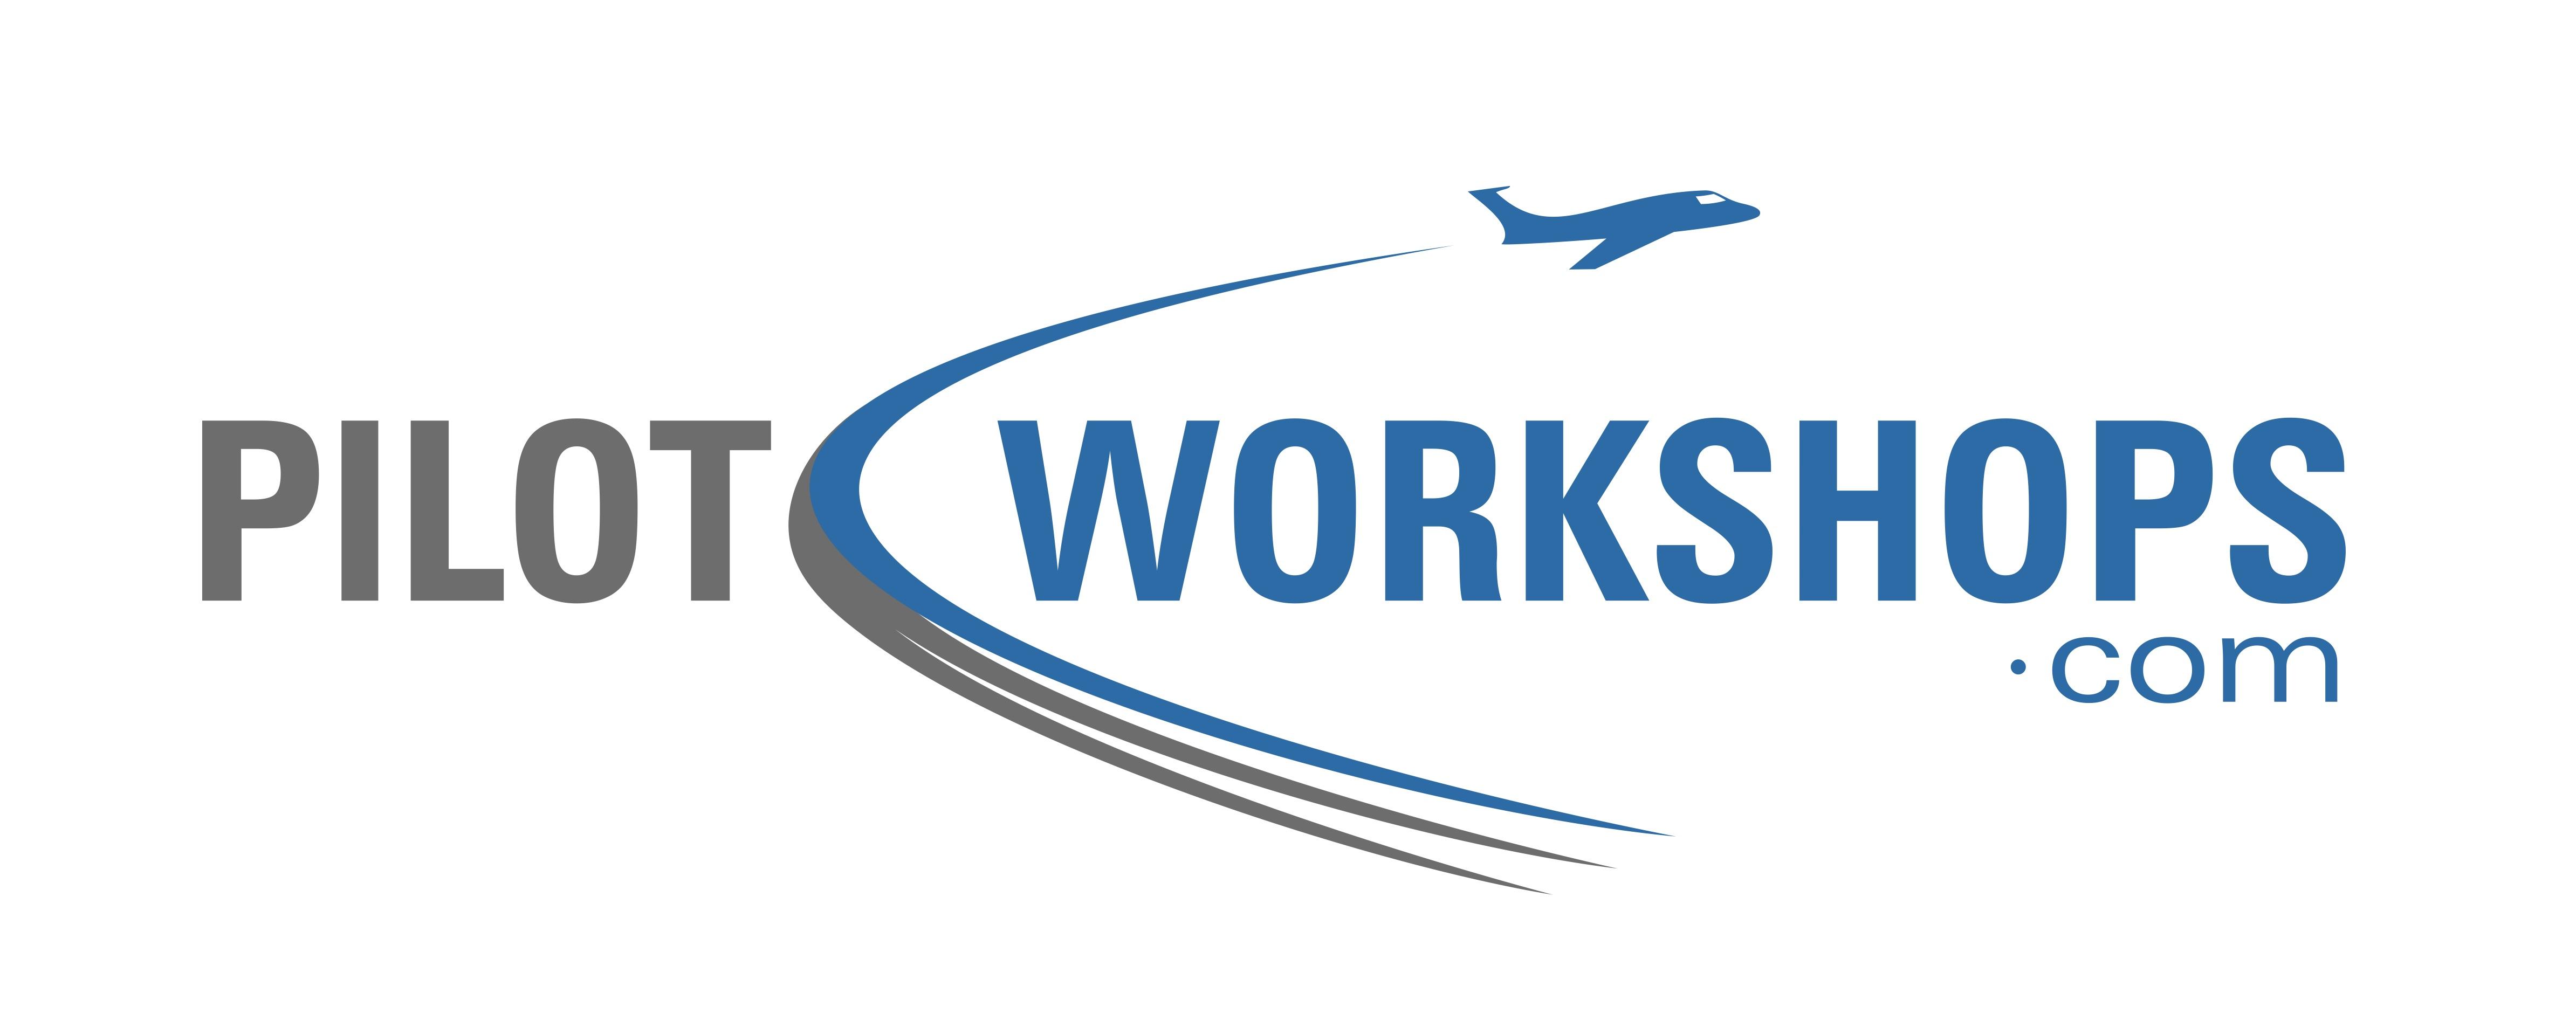 Pilot_Workshops_logo.jpg